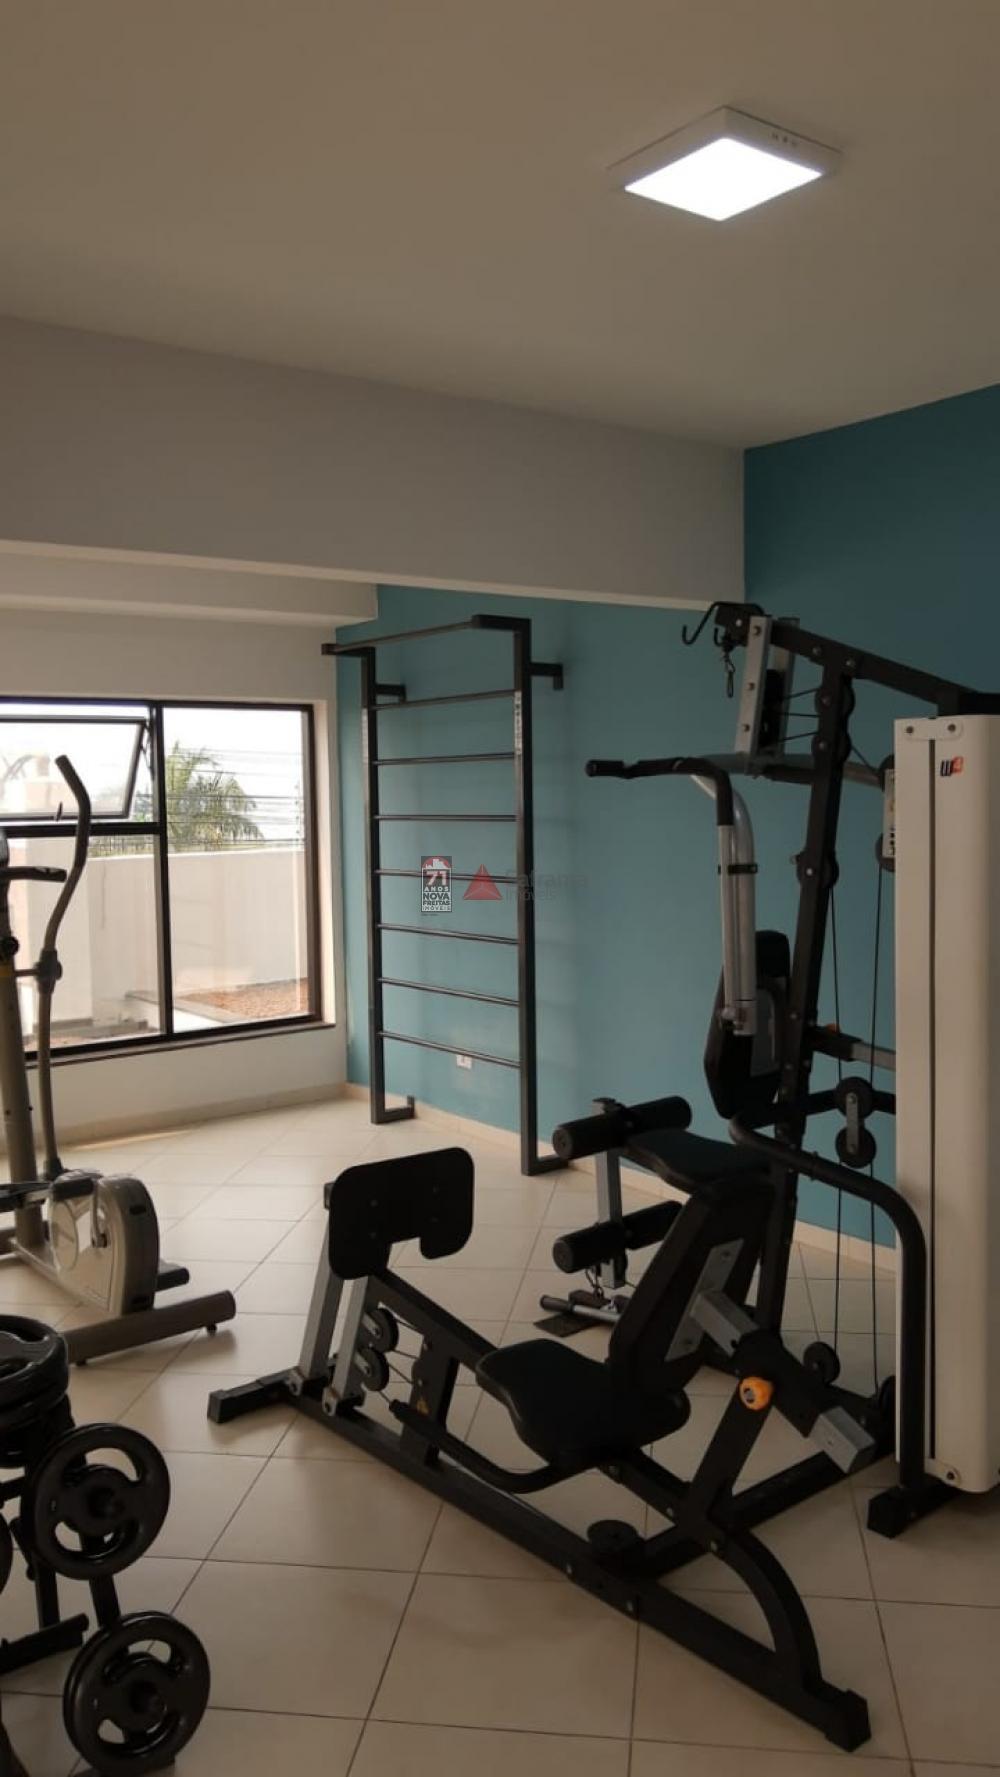 Comprar Apartamento / Padrão em Caraguatatuba apenas R$ 950.000,00 - Foto 33